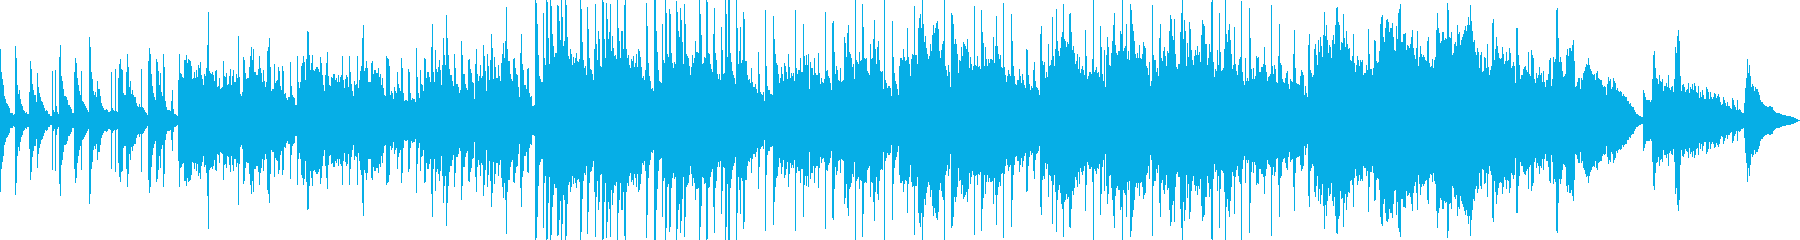 和の情緒あふれる感動BGMの再生済みの波形